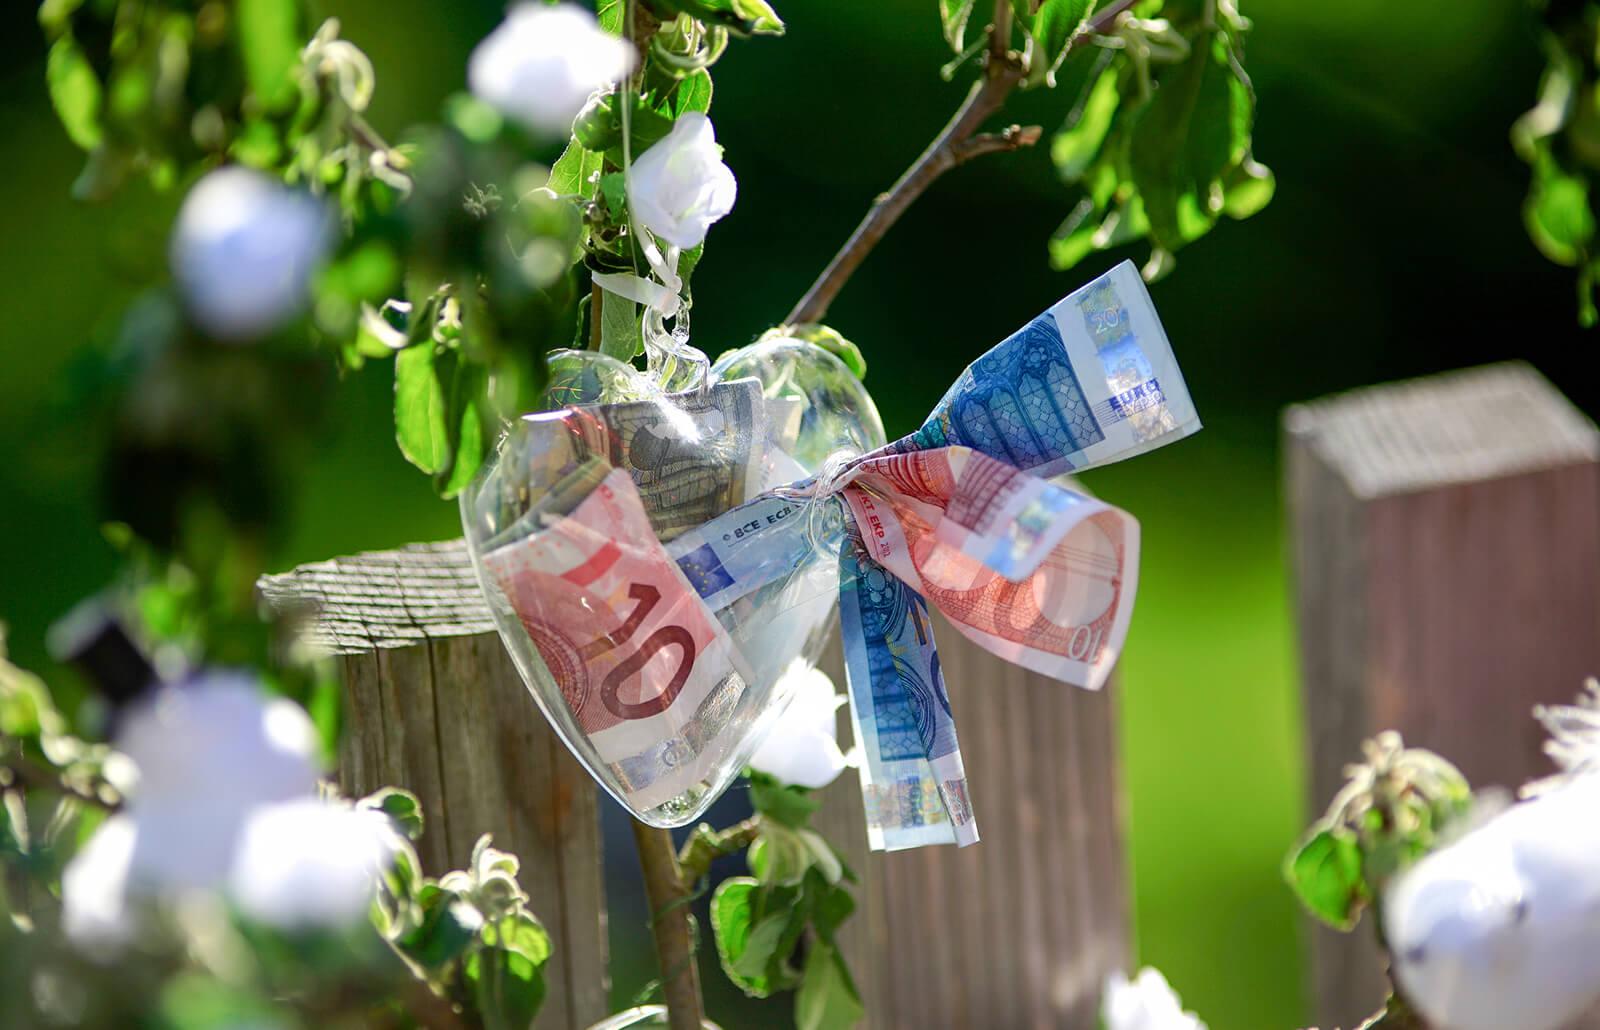 arbol-dinero-en-boda.jpg